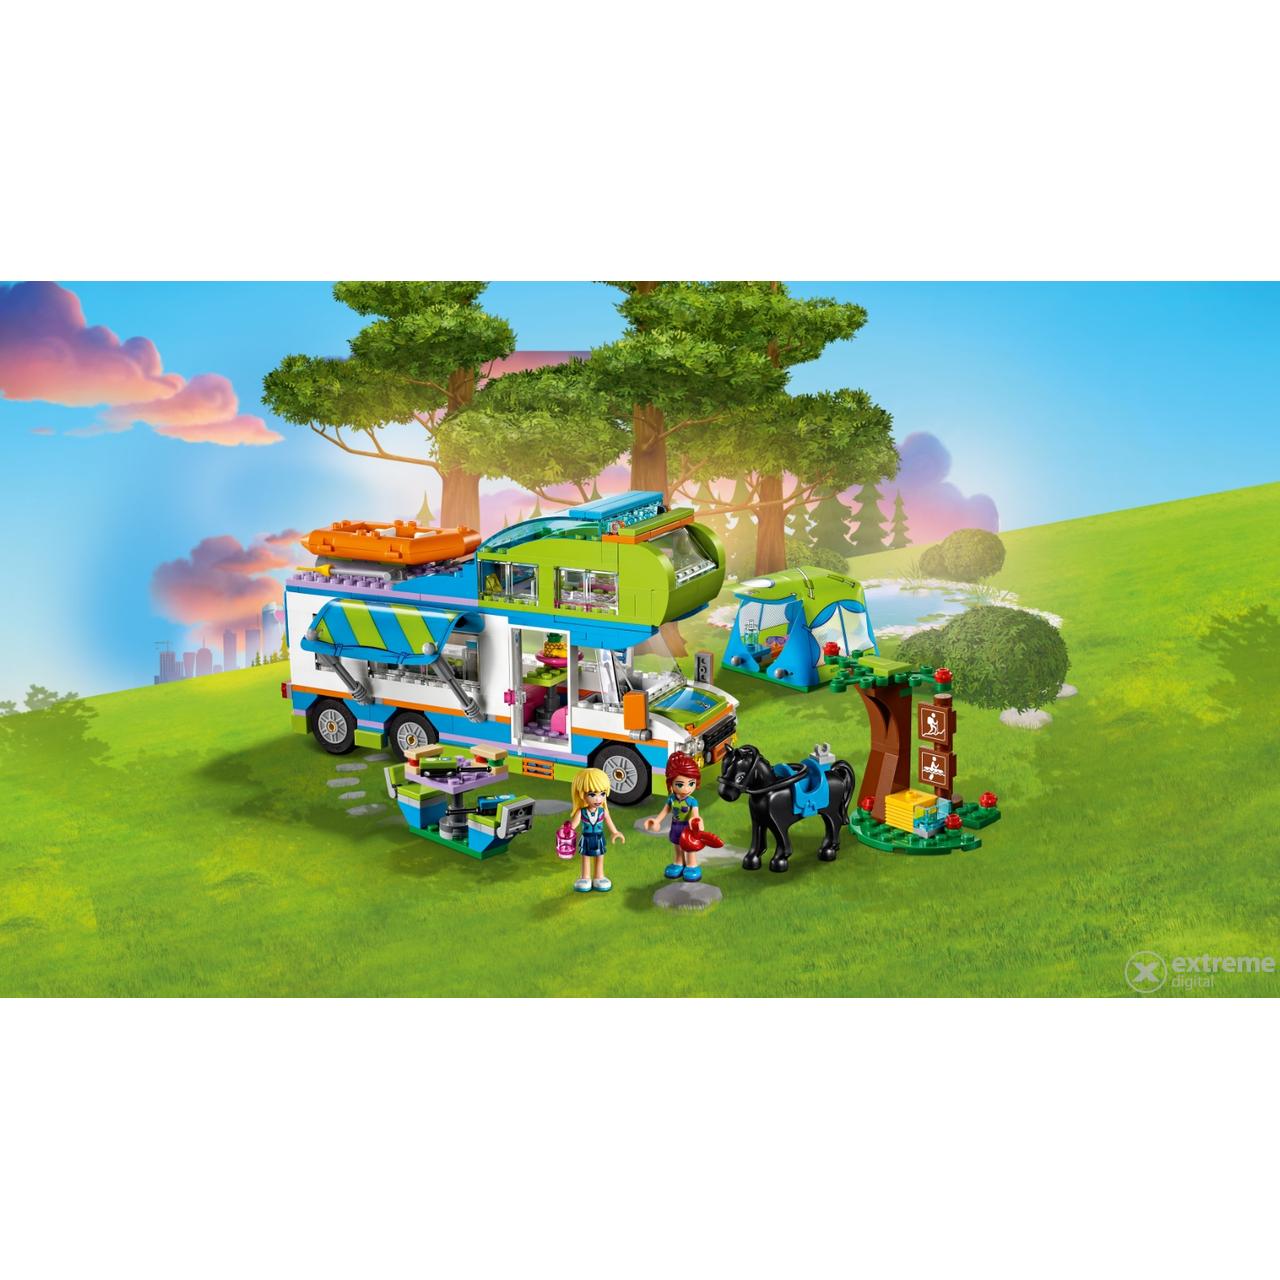 9c1f748d5d13 LEGO® Friends 41339 Mia lakókocsija   Extreme Digital